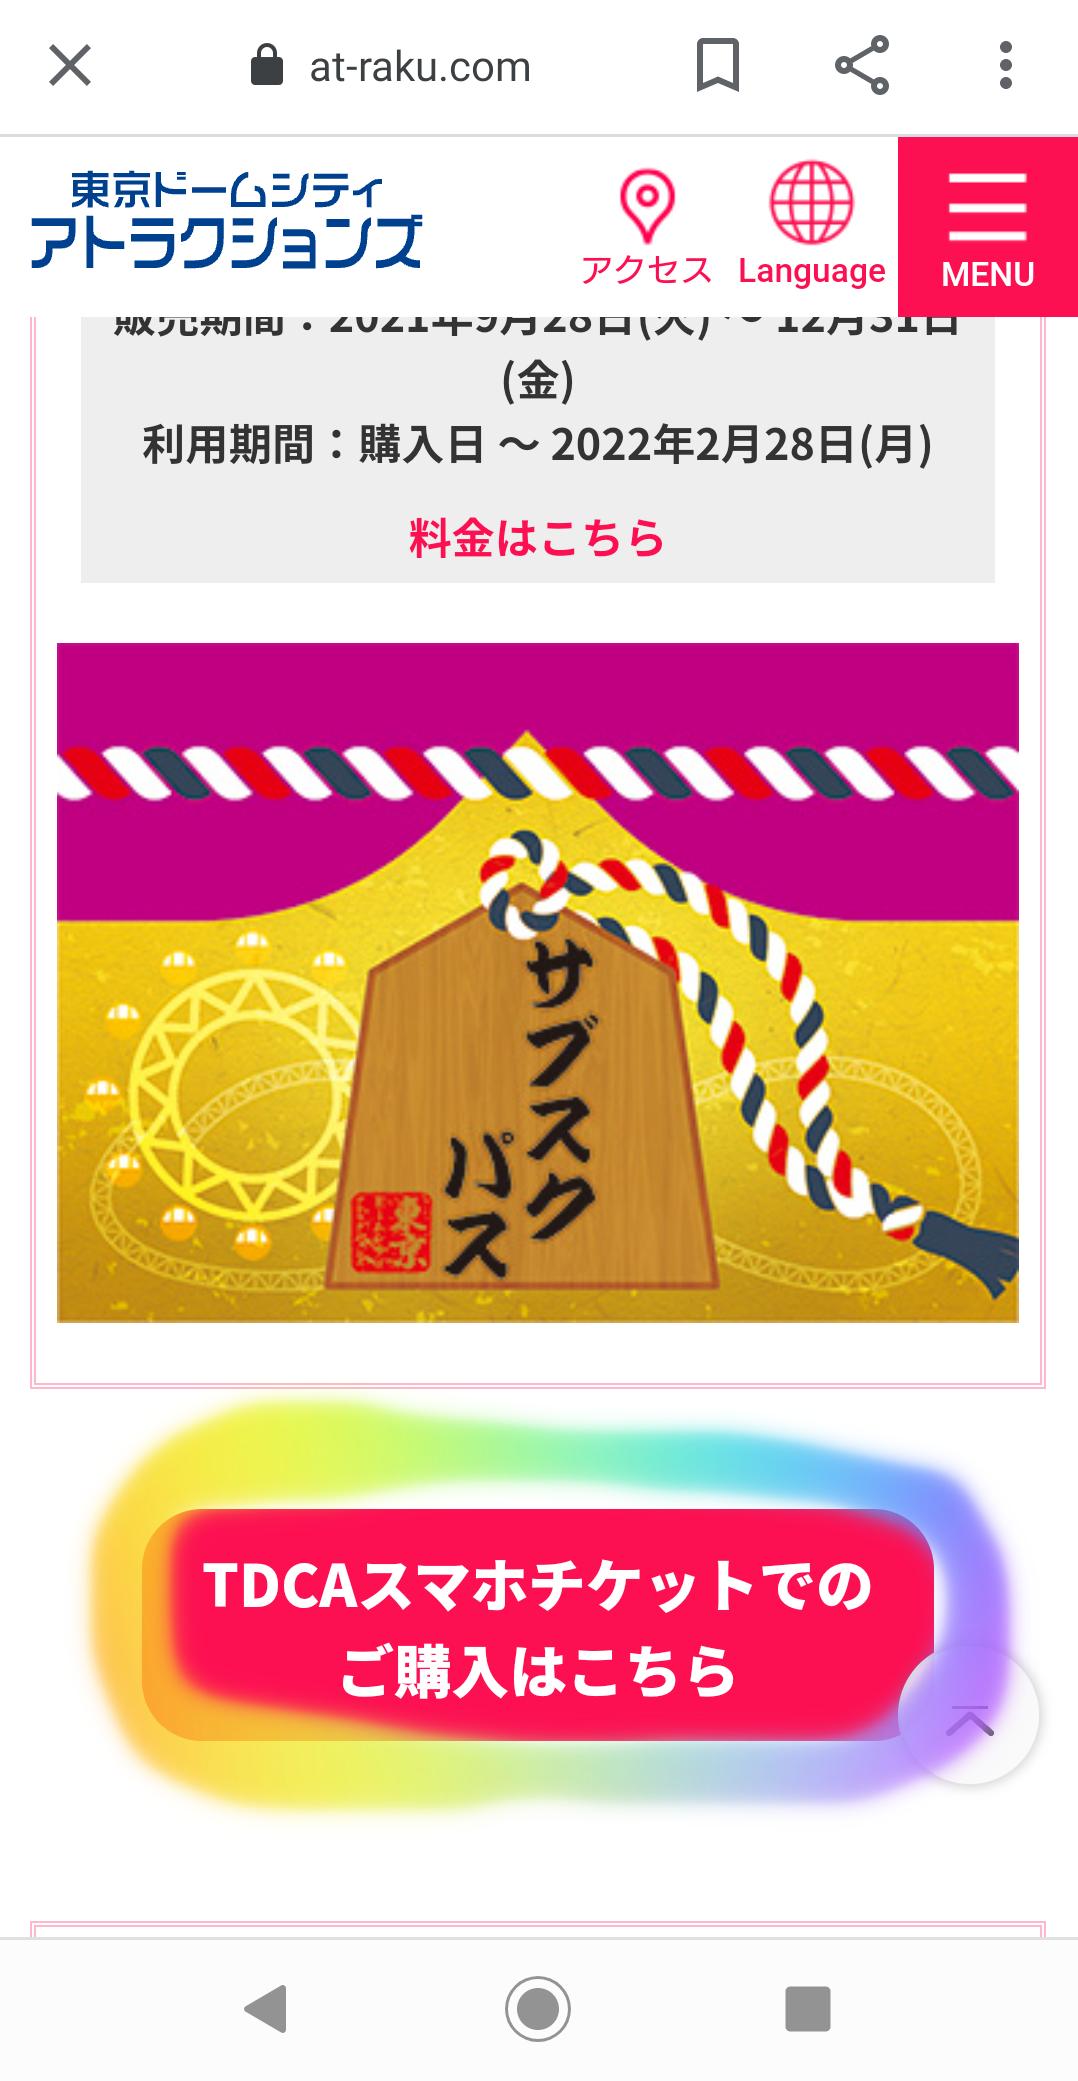 東京ドームシティのサブスクとは?料金比較やネットなどでの買い方も6